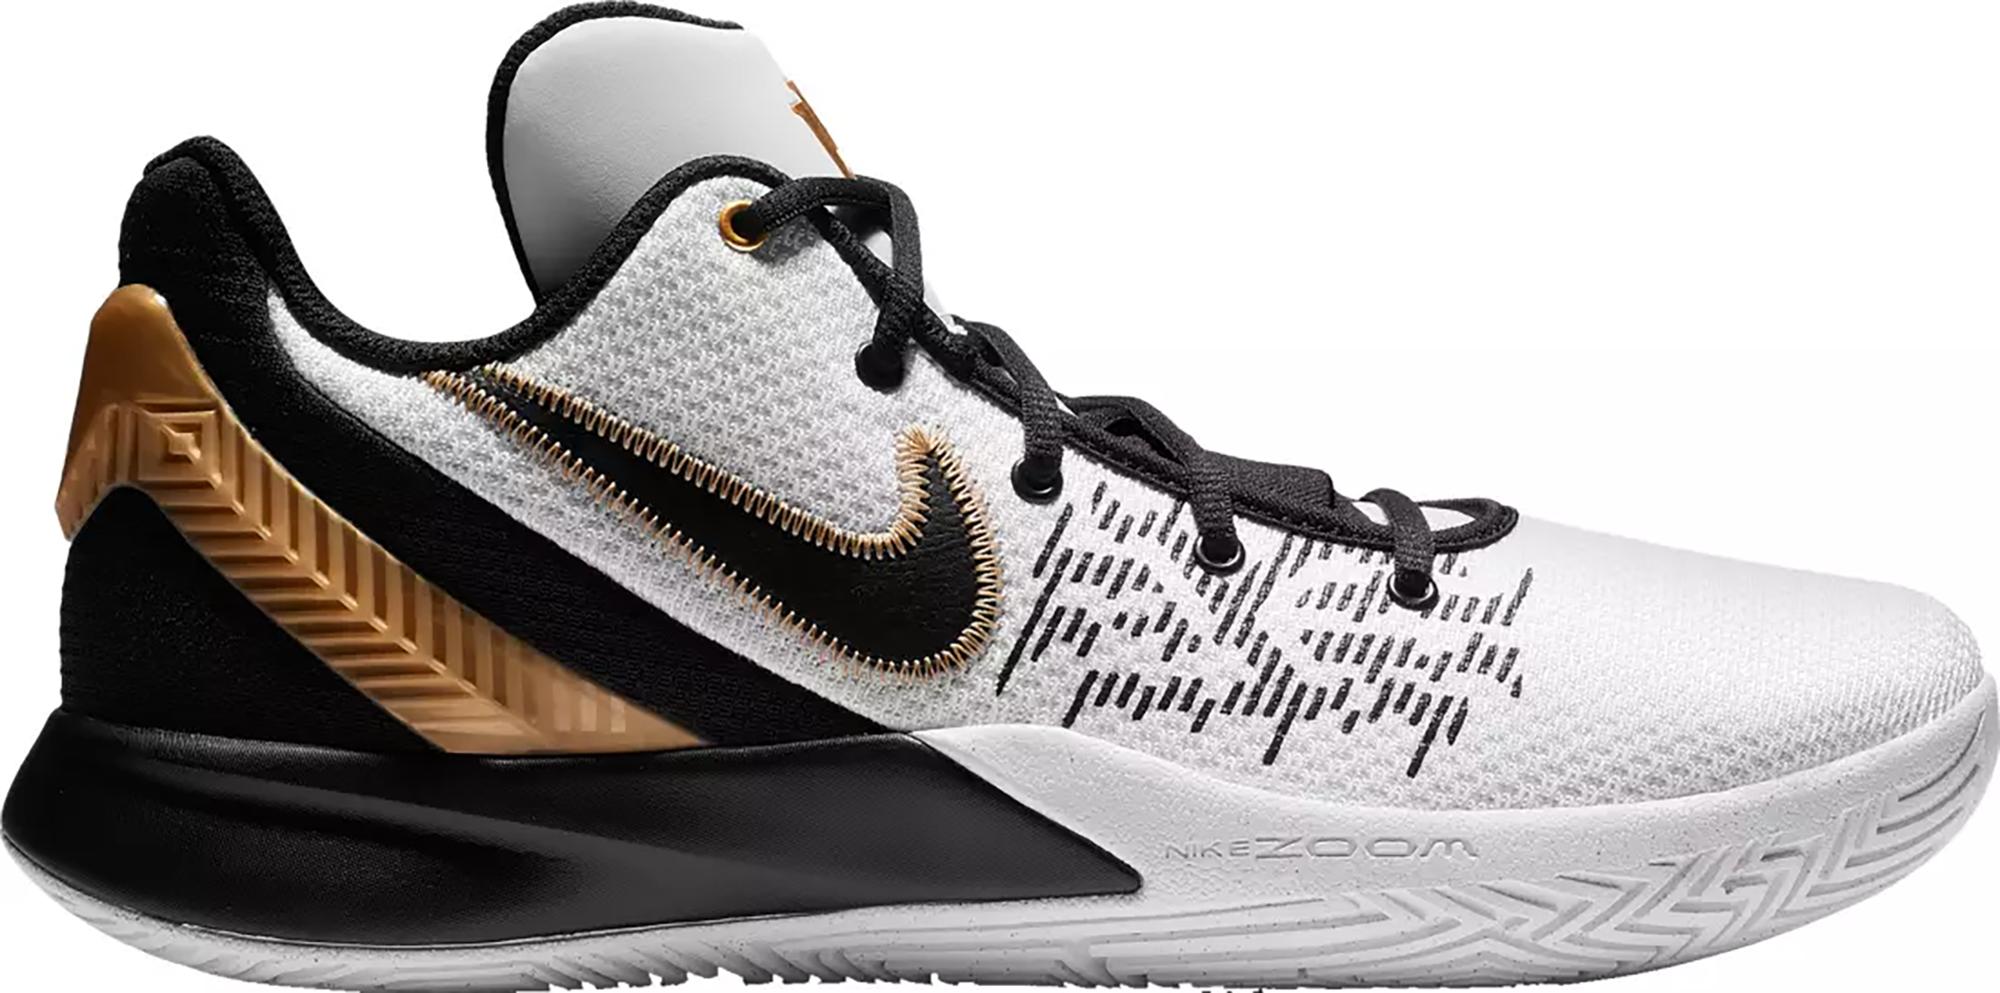 Nike Kyrie Flytrap 2 White Black Gold